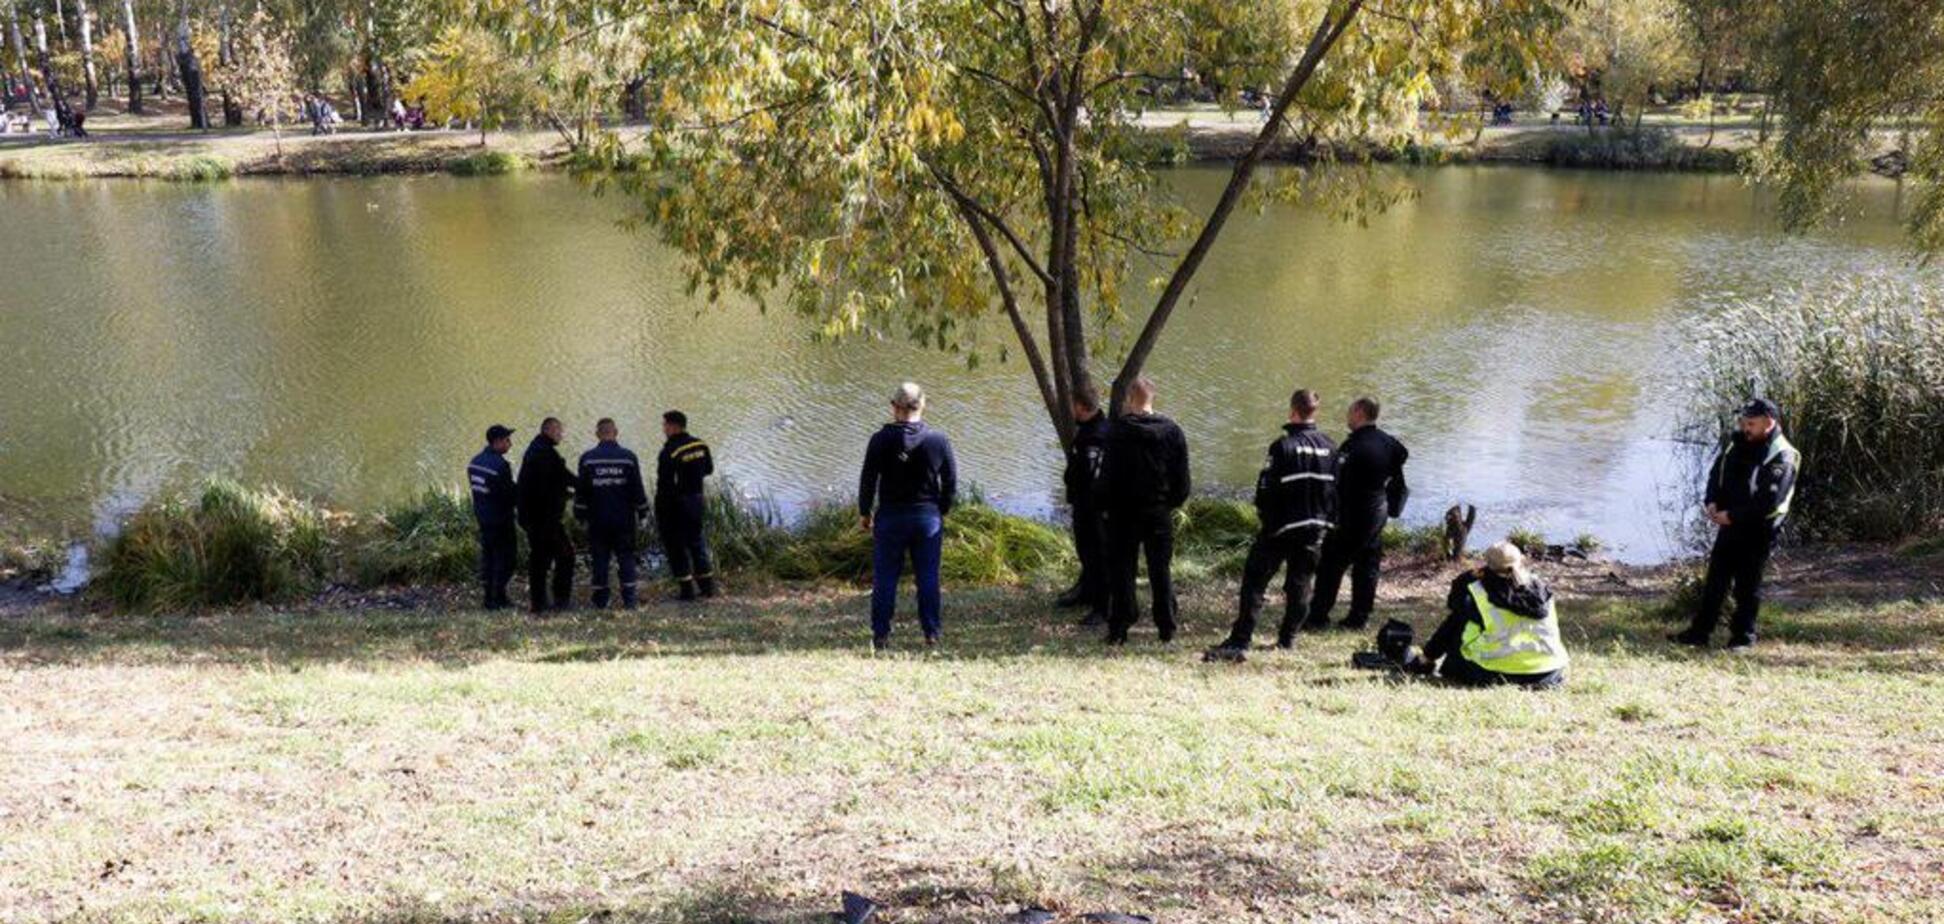 В парке Киева нашли труп мужчины: фото и видео 18+